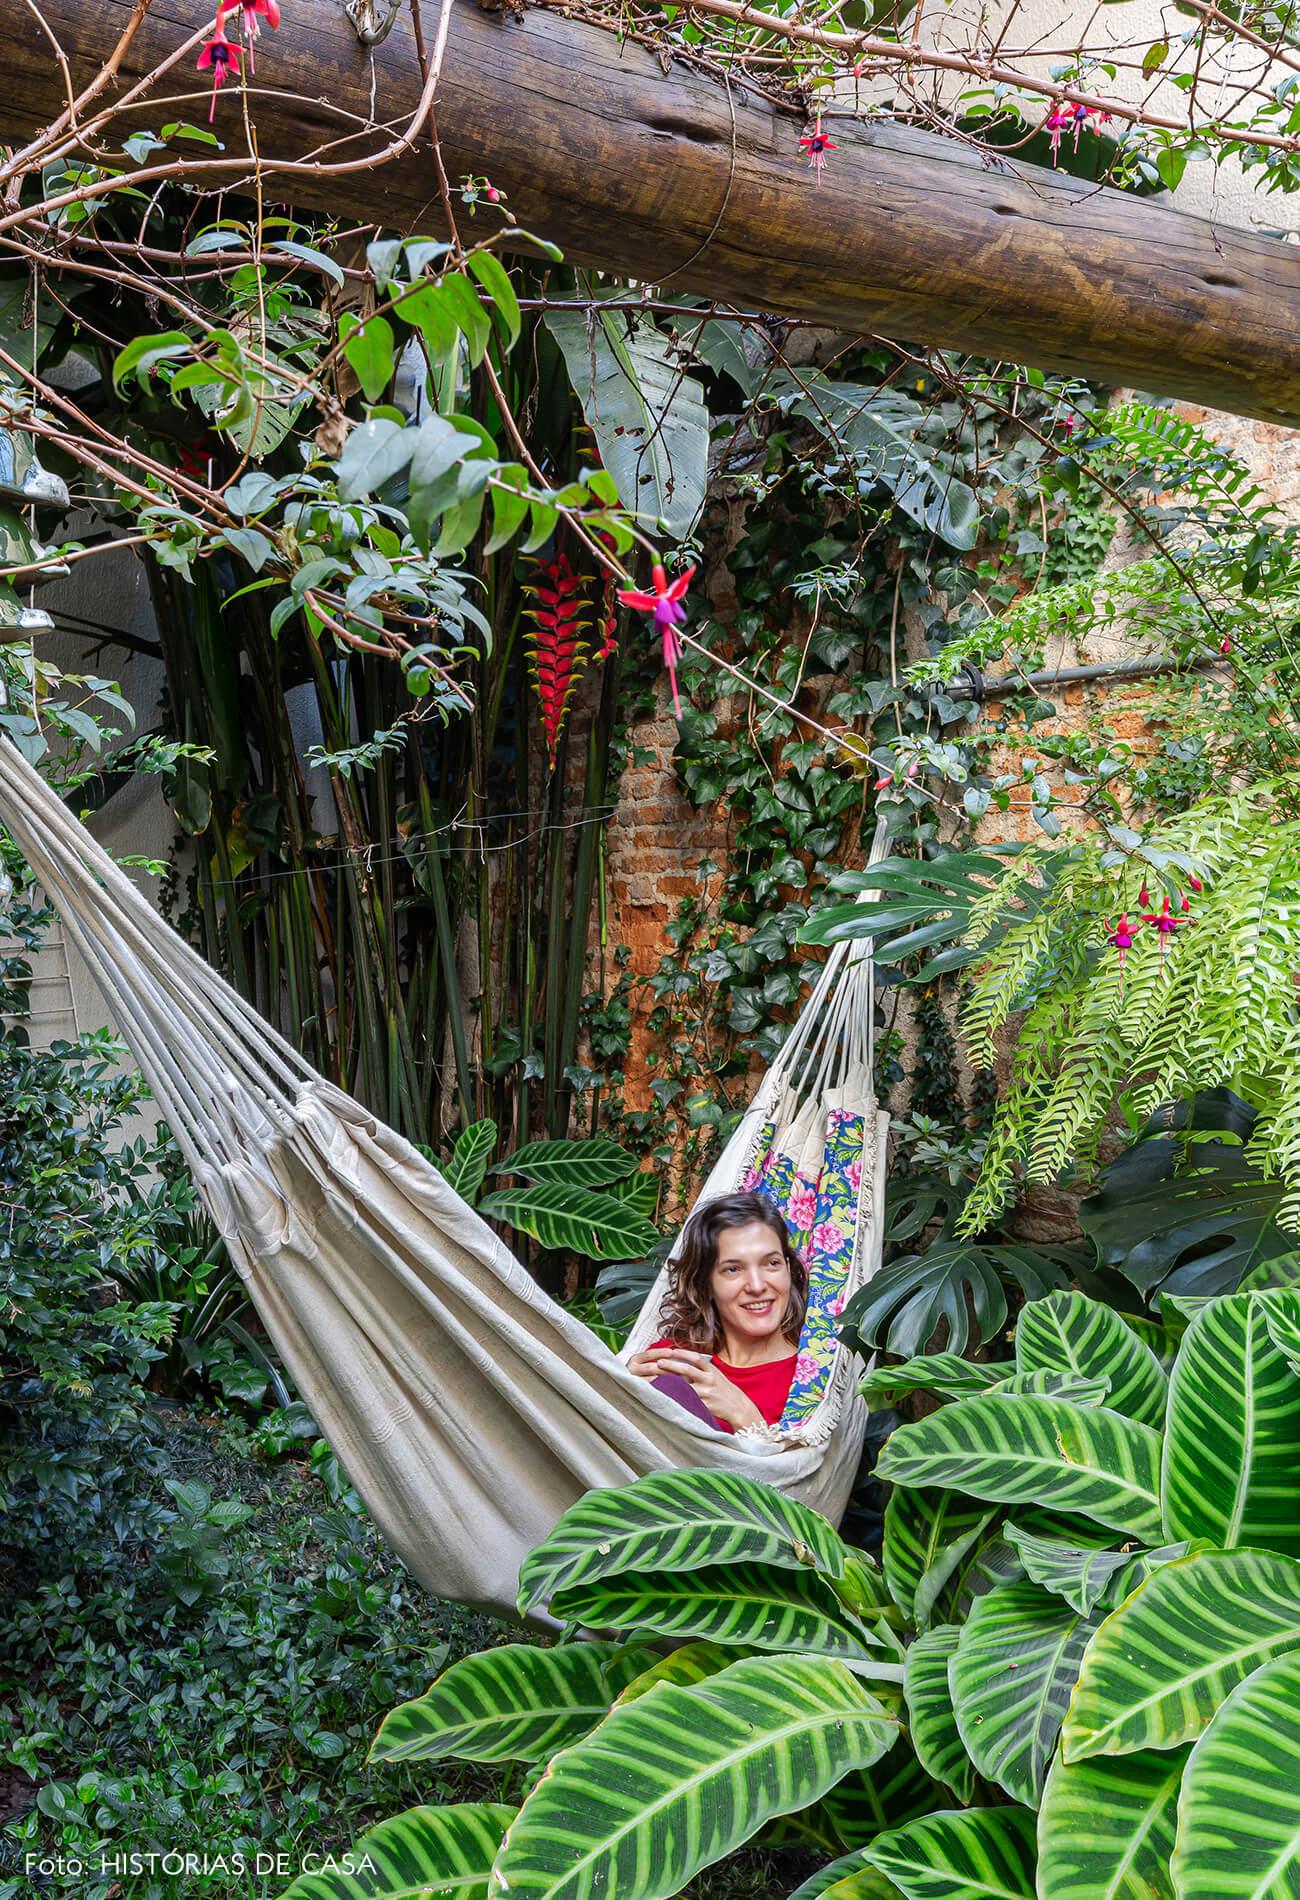 Apartamento térreo com jardim e rede de balanço